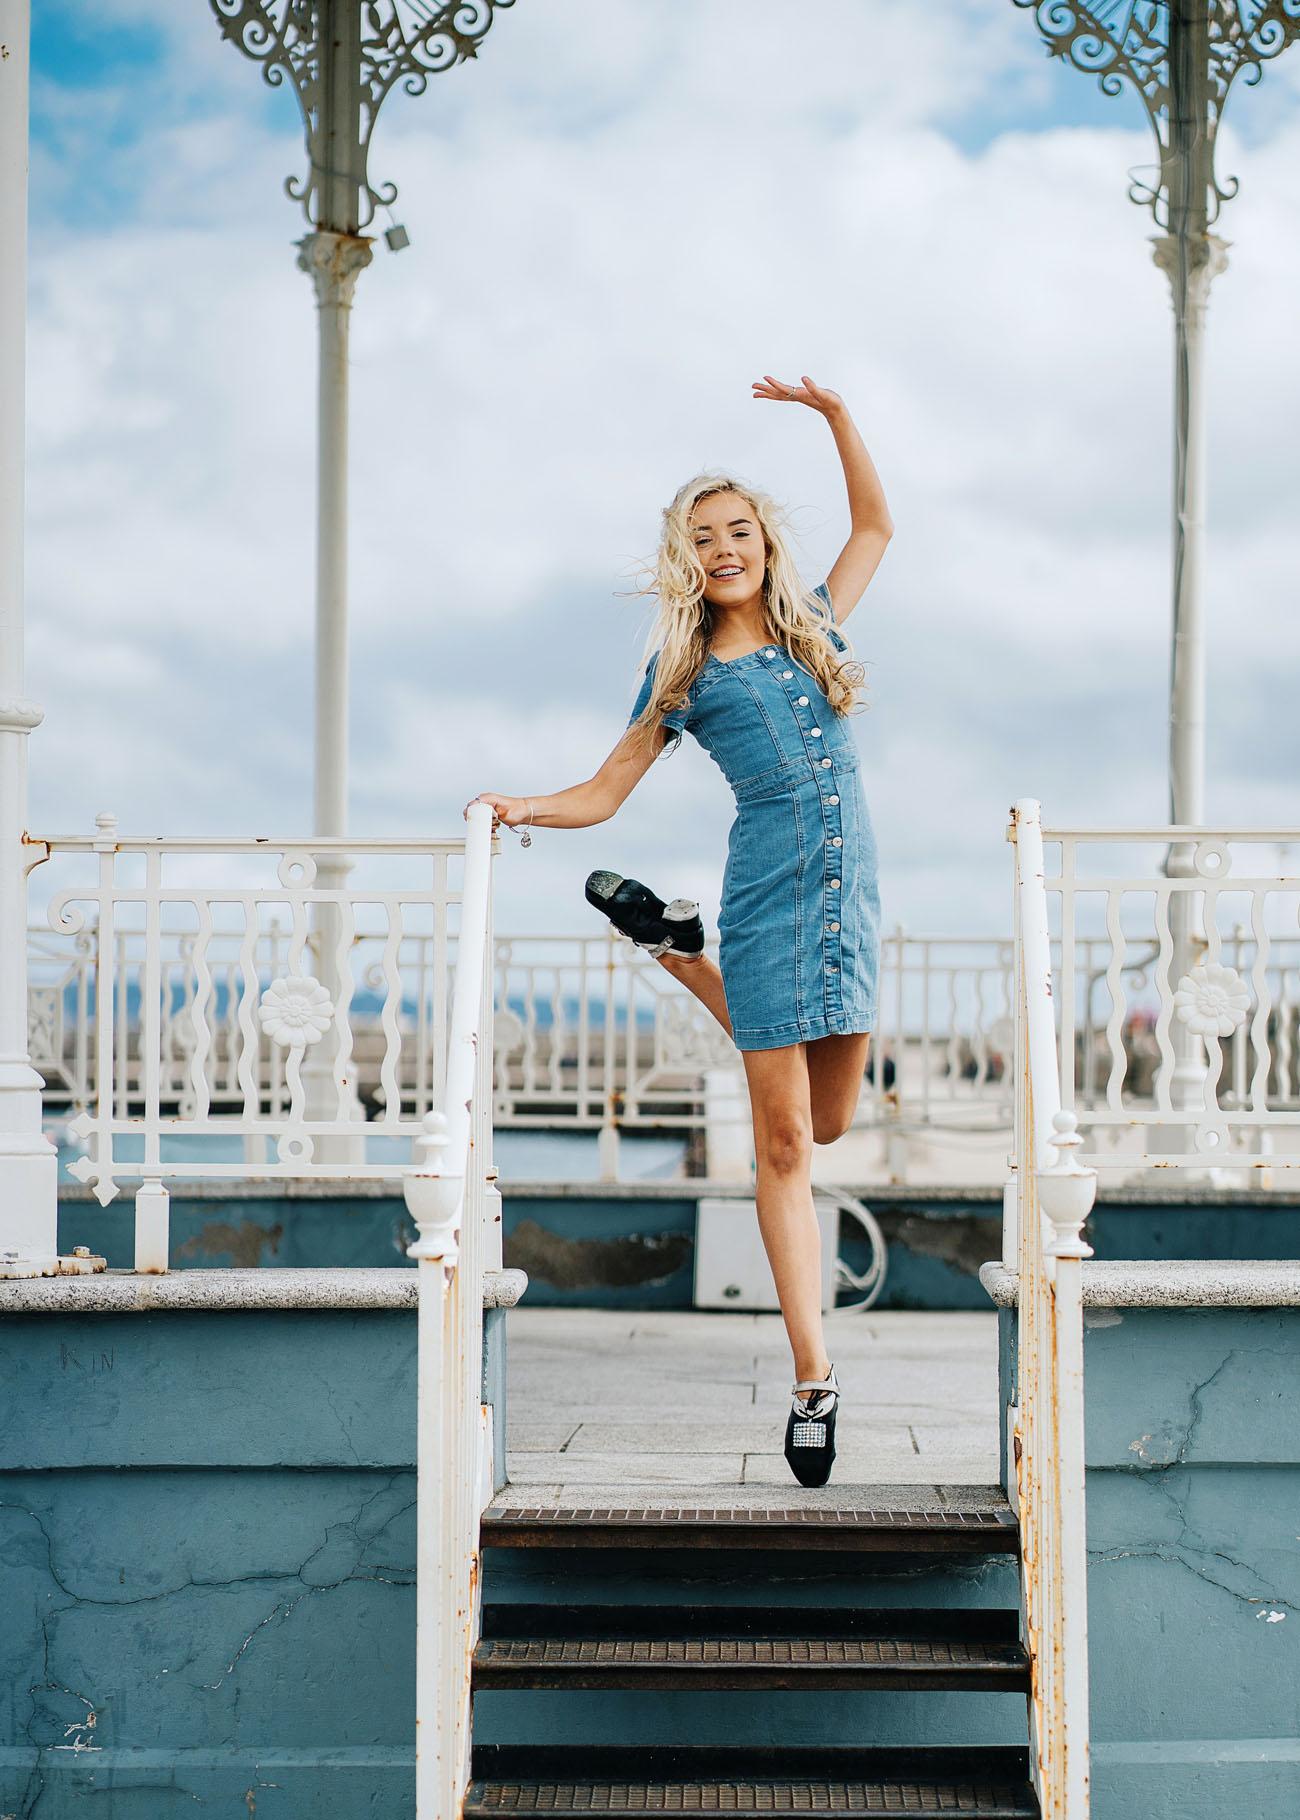 irish-dance-portrait-photographer-dublin-ireland-0043.jpg